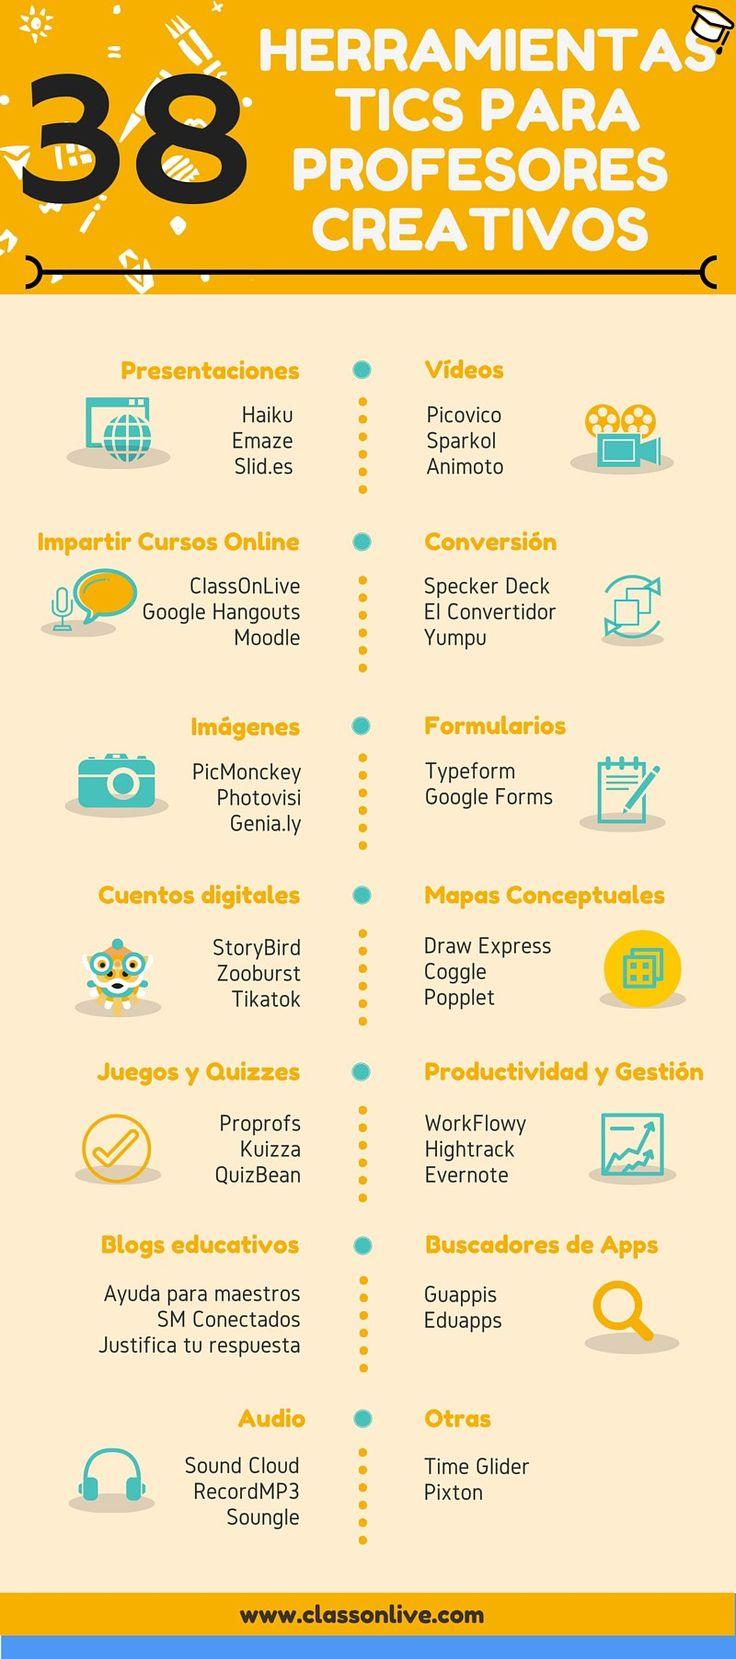 """Me encanta esta infografía de classonlive.com sobre """"38 HERRAMIENTAS TIC PARA P…"""